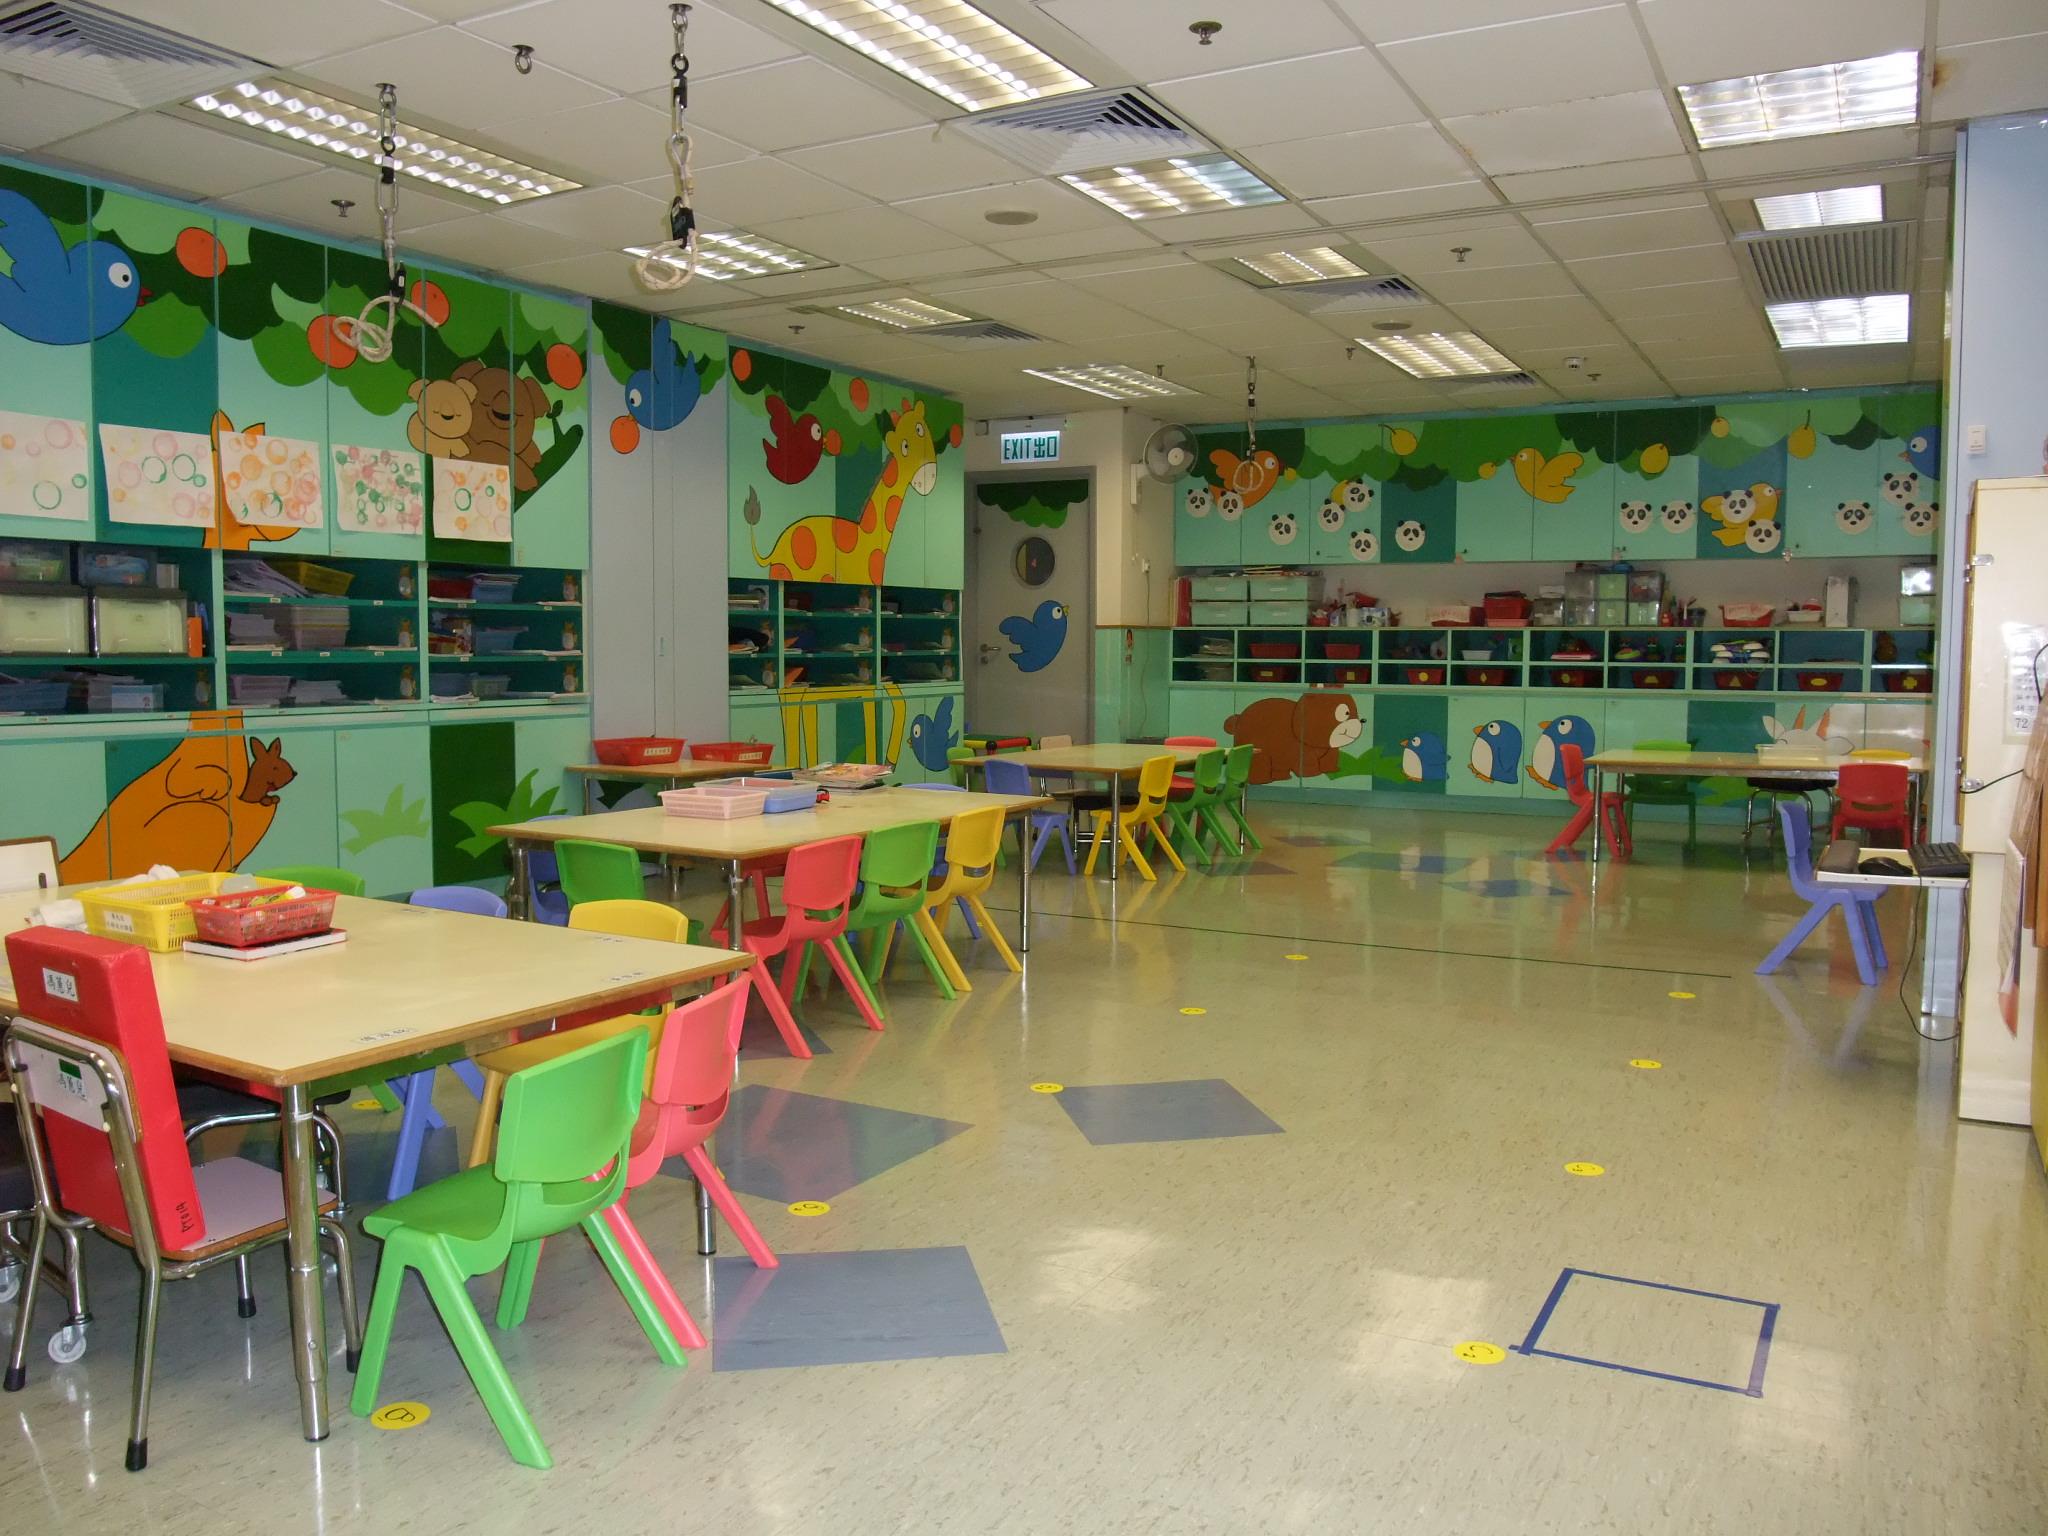 以森林為佈置主題的課室,提供了寬敞的空間讓兒童活動